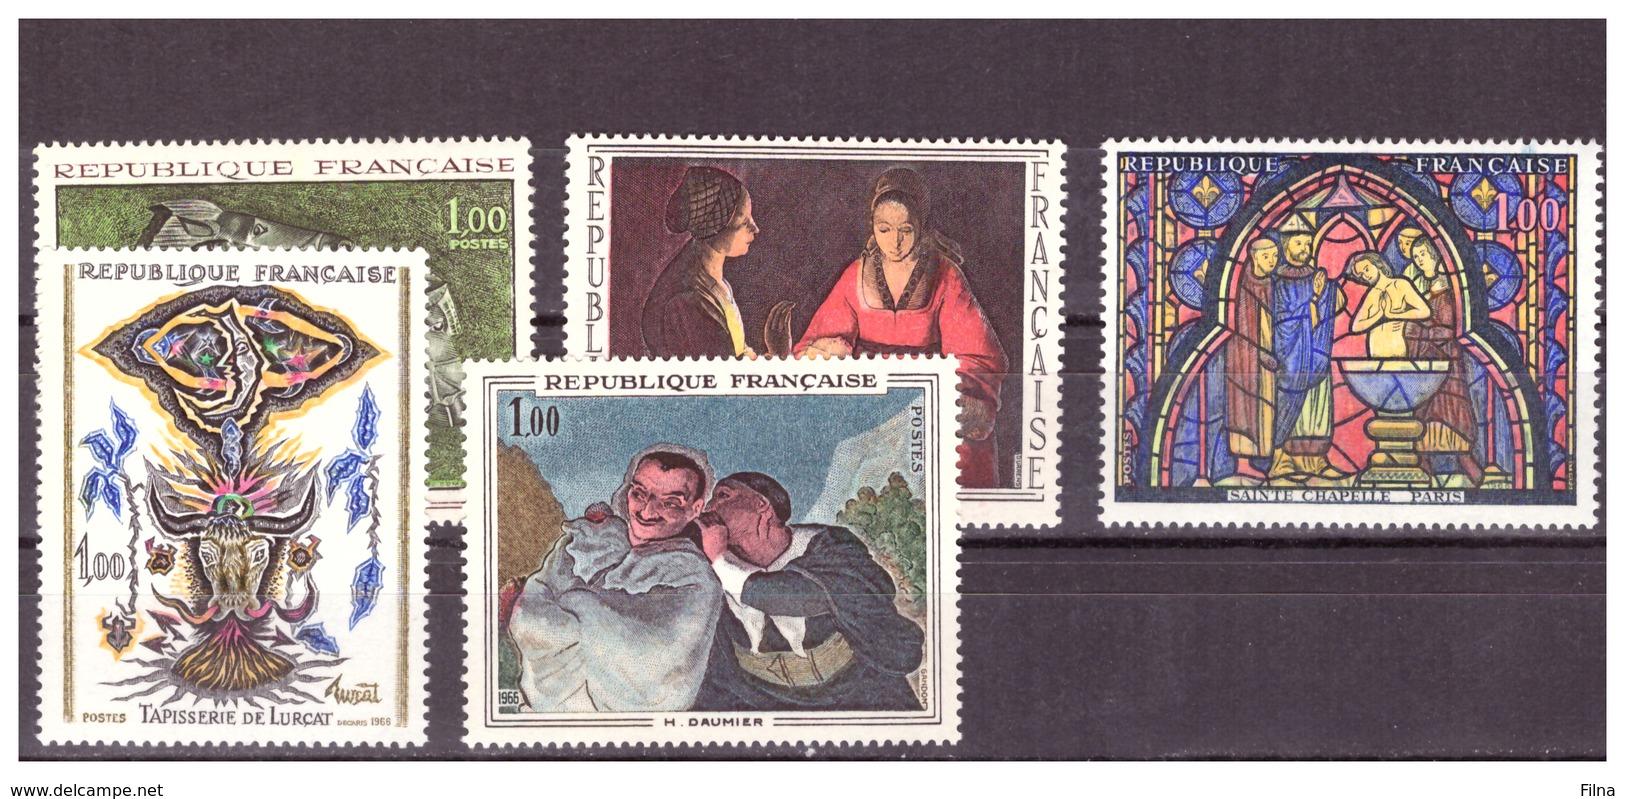 FRANCIA ARTE - 1966- SERIE COMPLETA. - MNH** - Autres